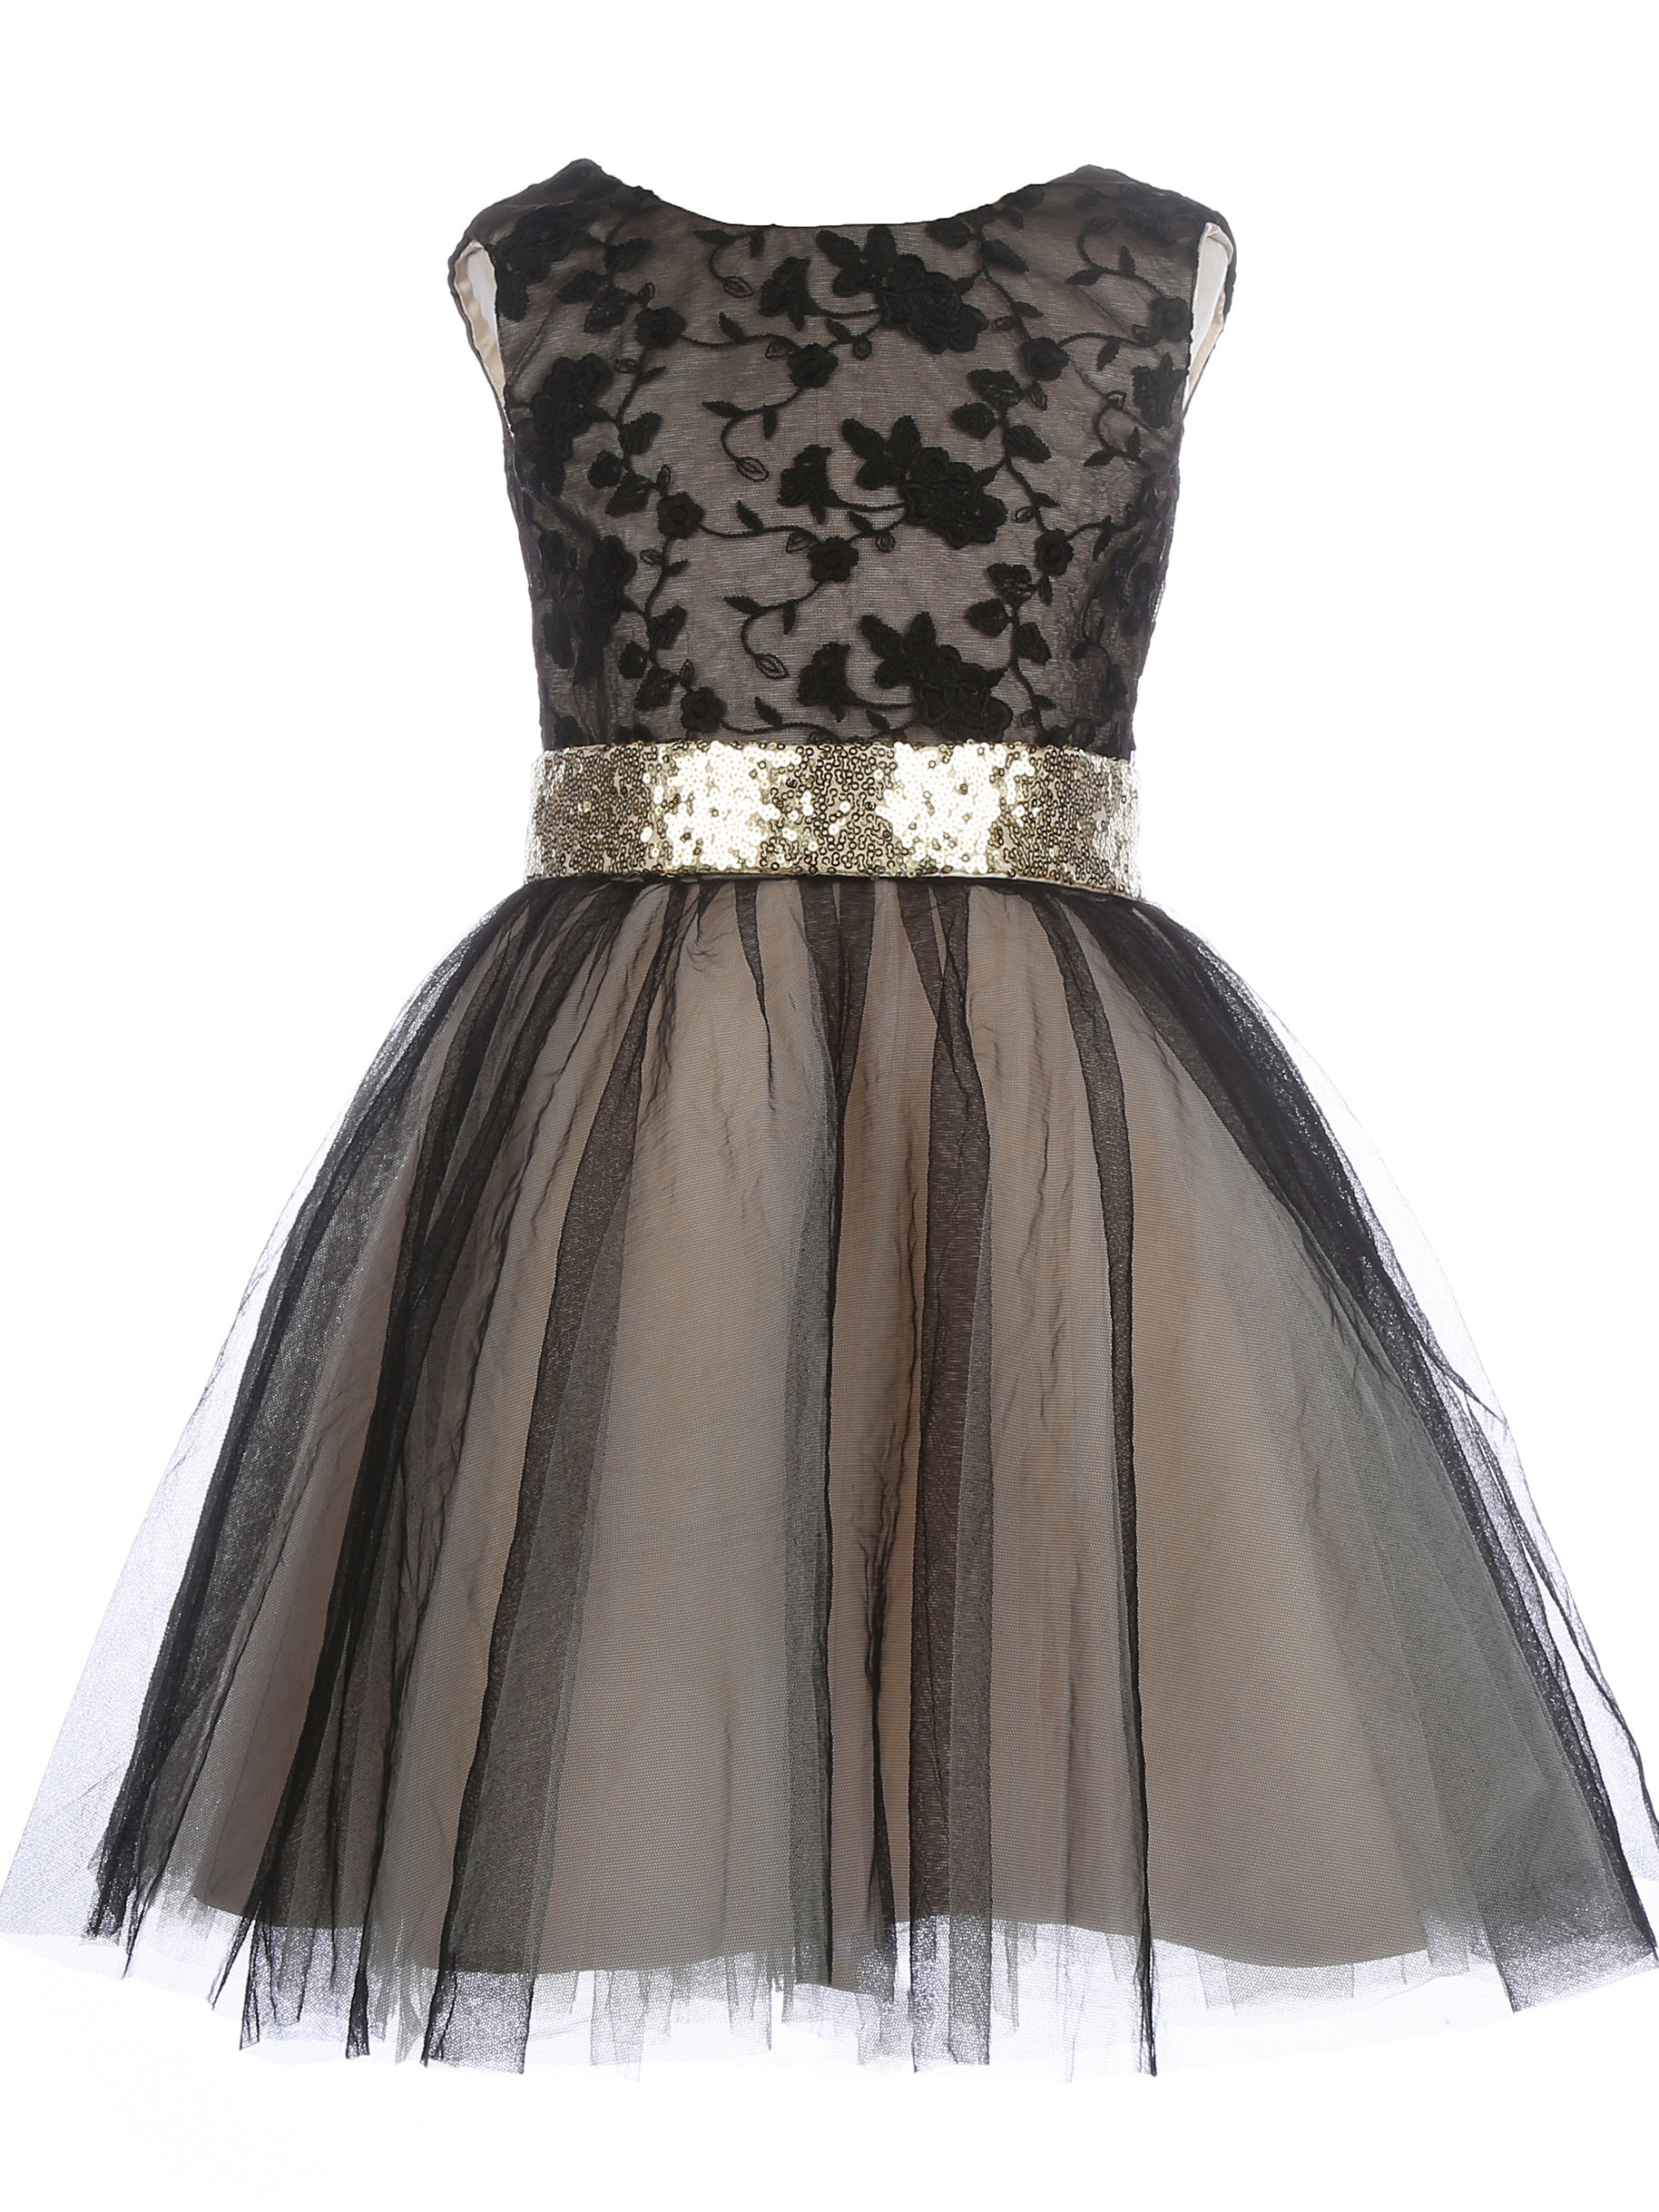 V Back Black Tulle  Flower Girls Dress Little Girls Party Dresses  Christmas Dress In Stock